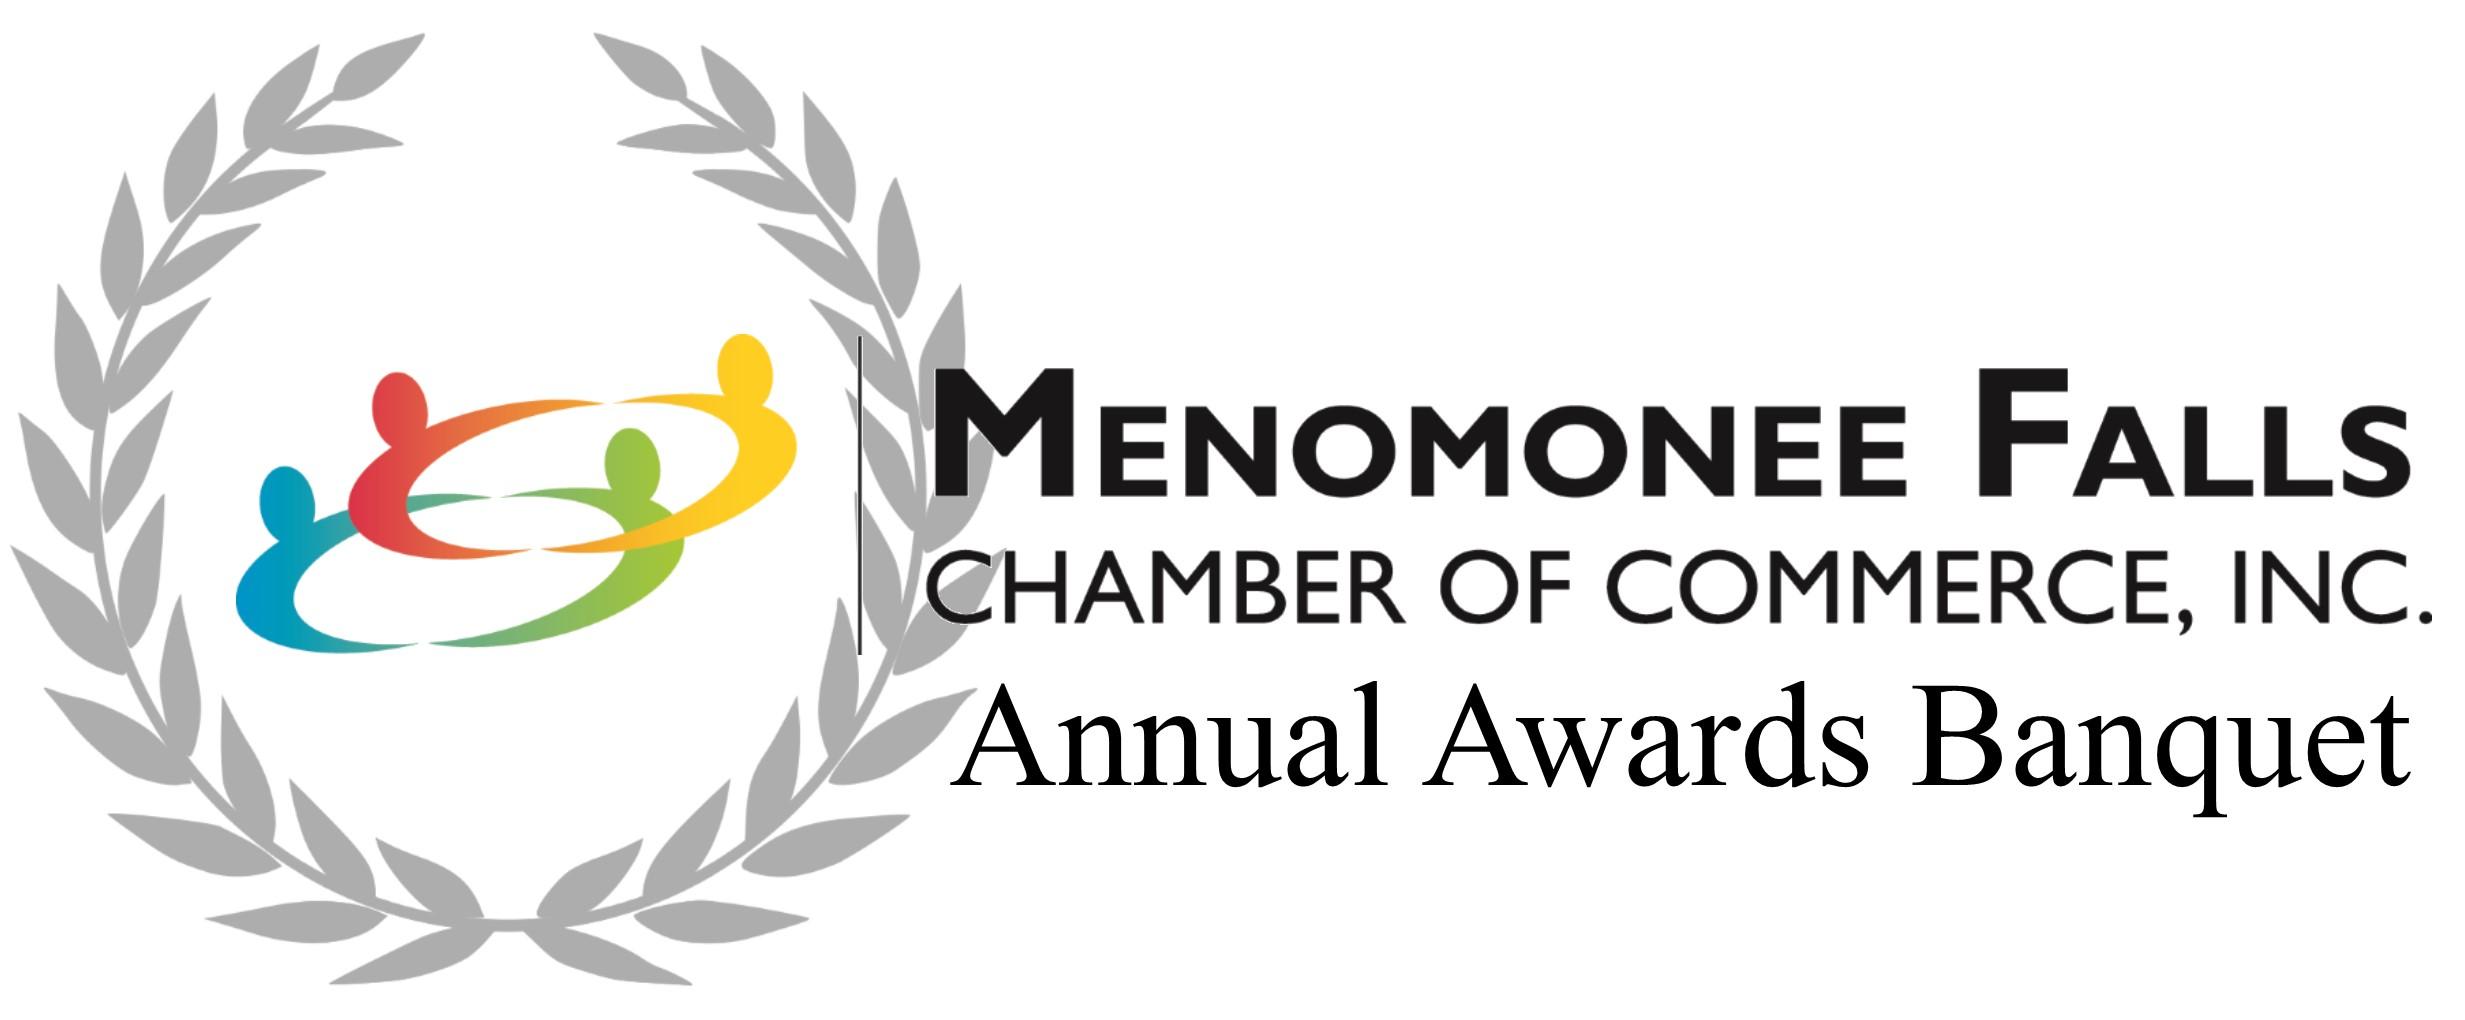 Awards-Banquet-Logo.jpg